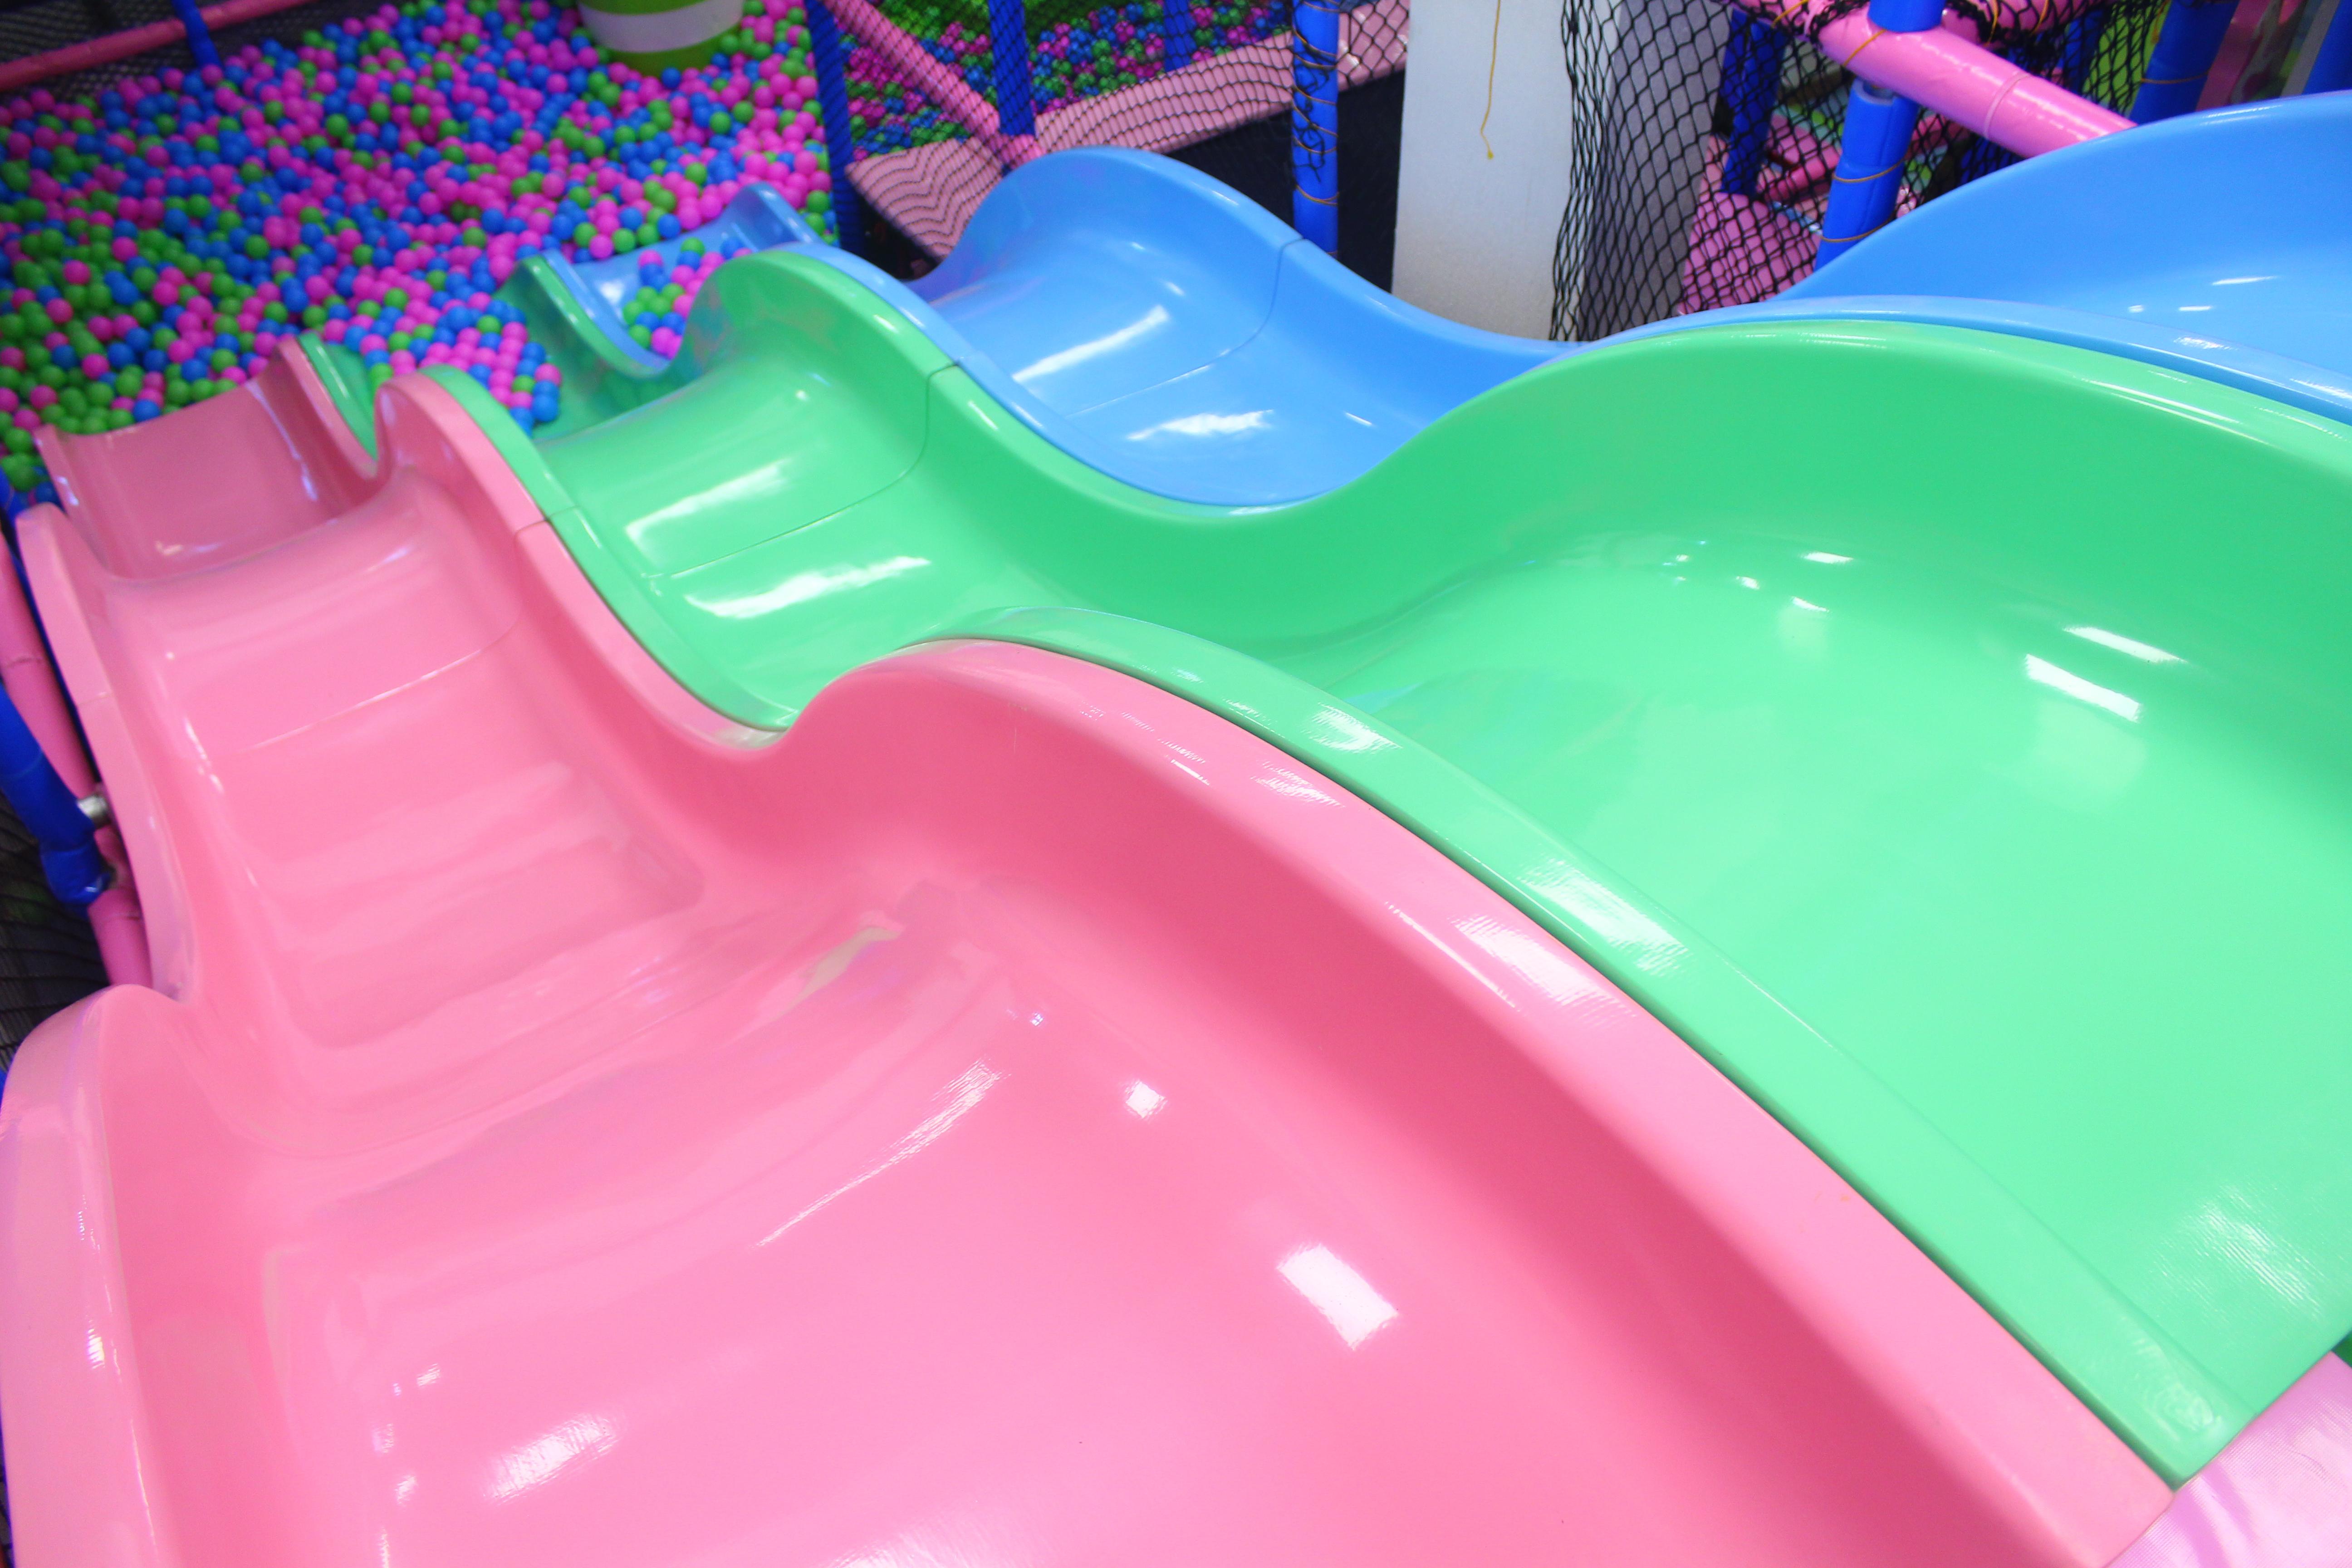 Ball Pool and Slide